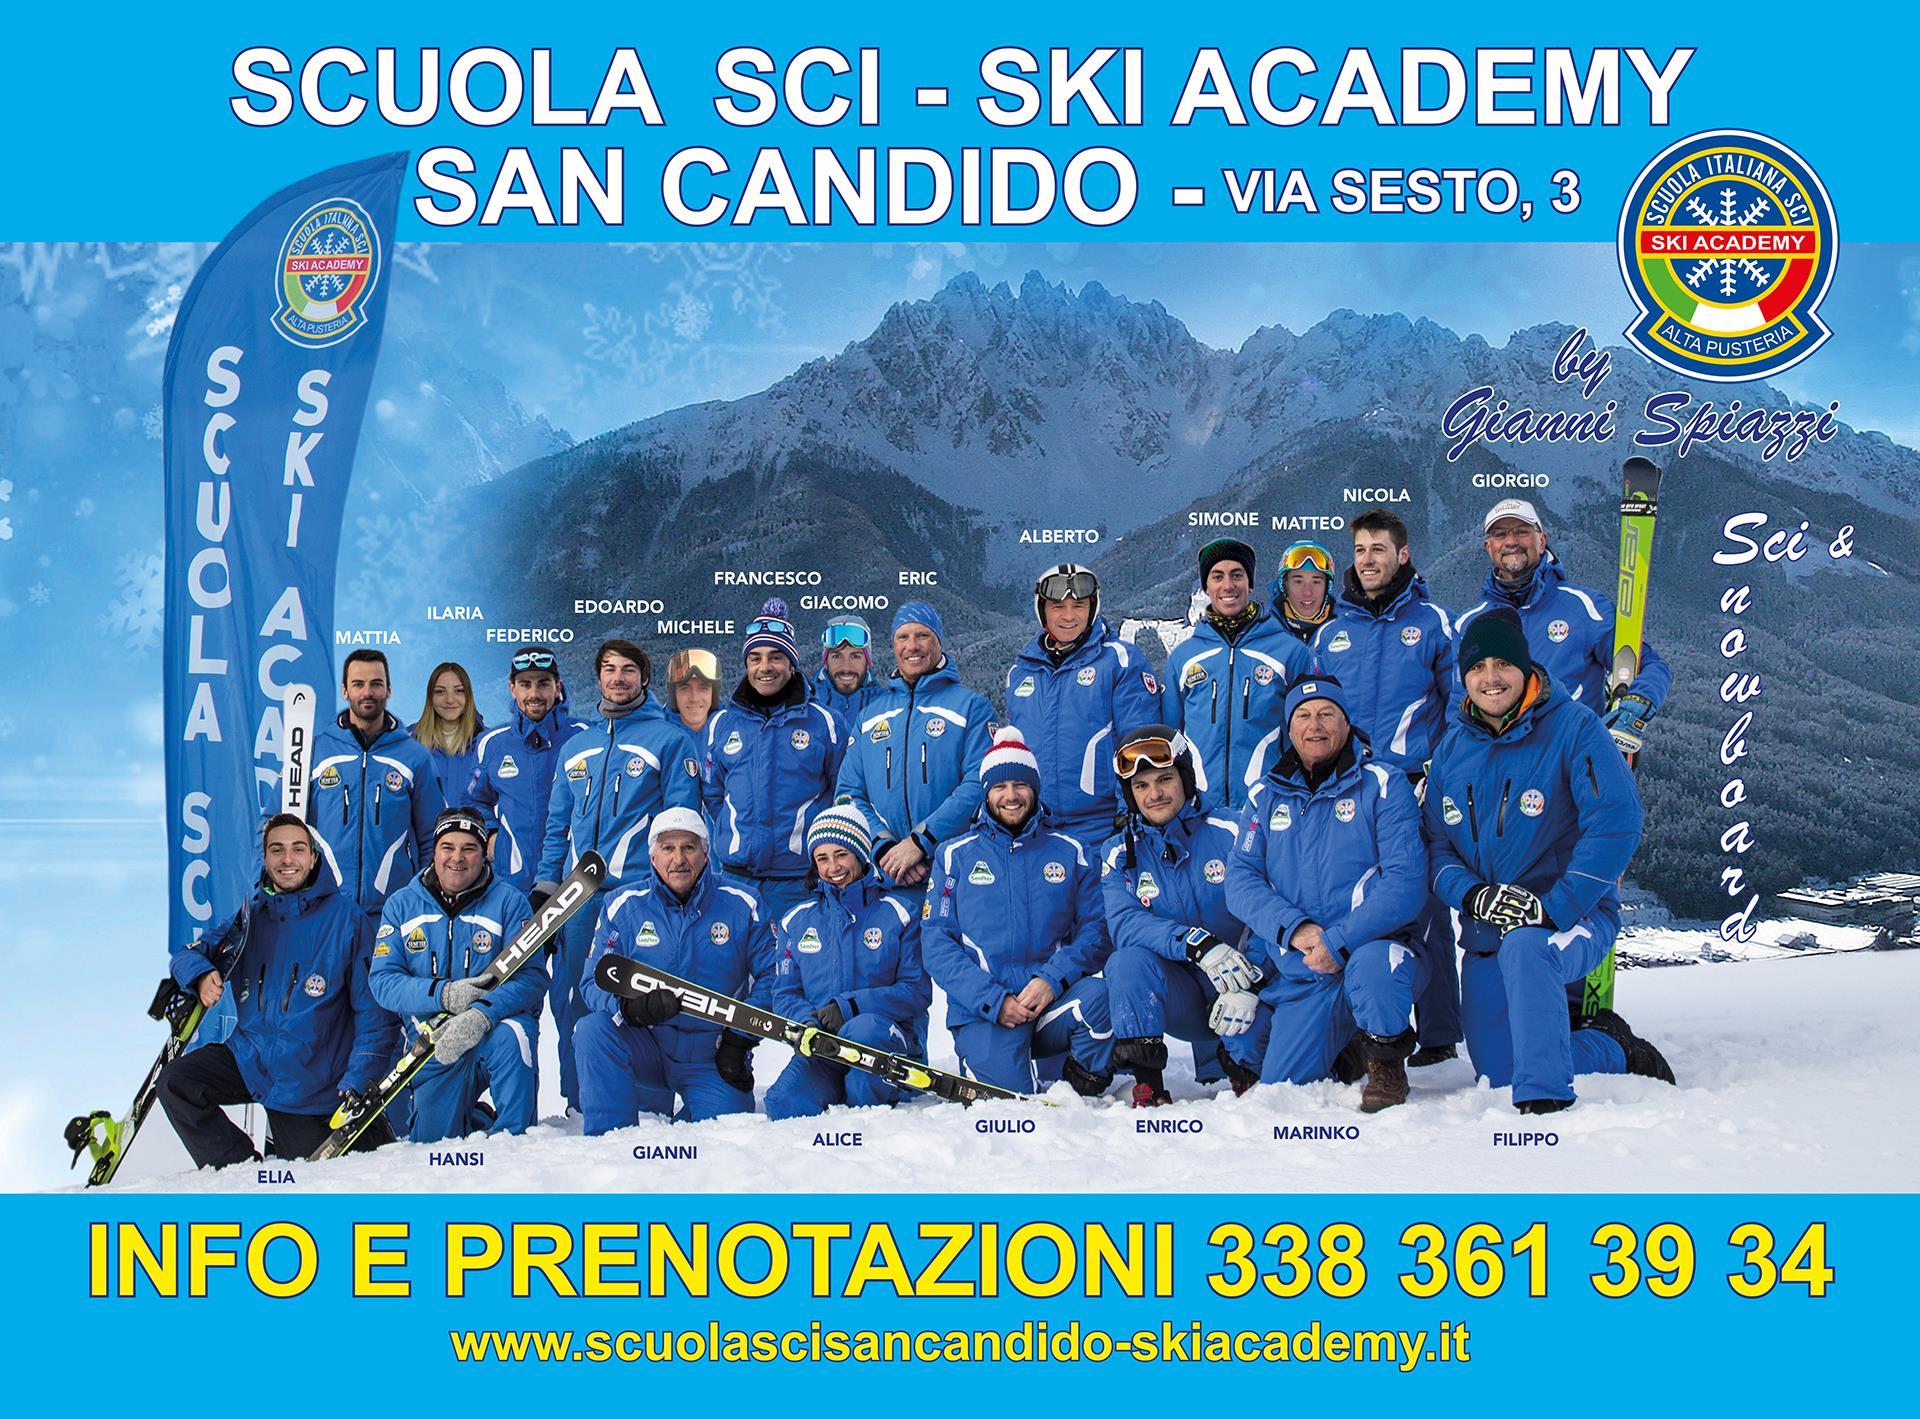 Ski Academy Alta Pusteria by Gianni Spiazzi